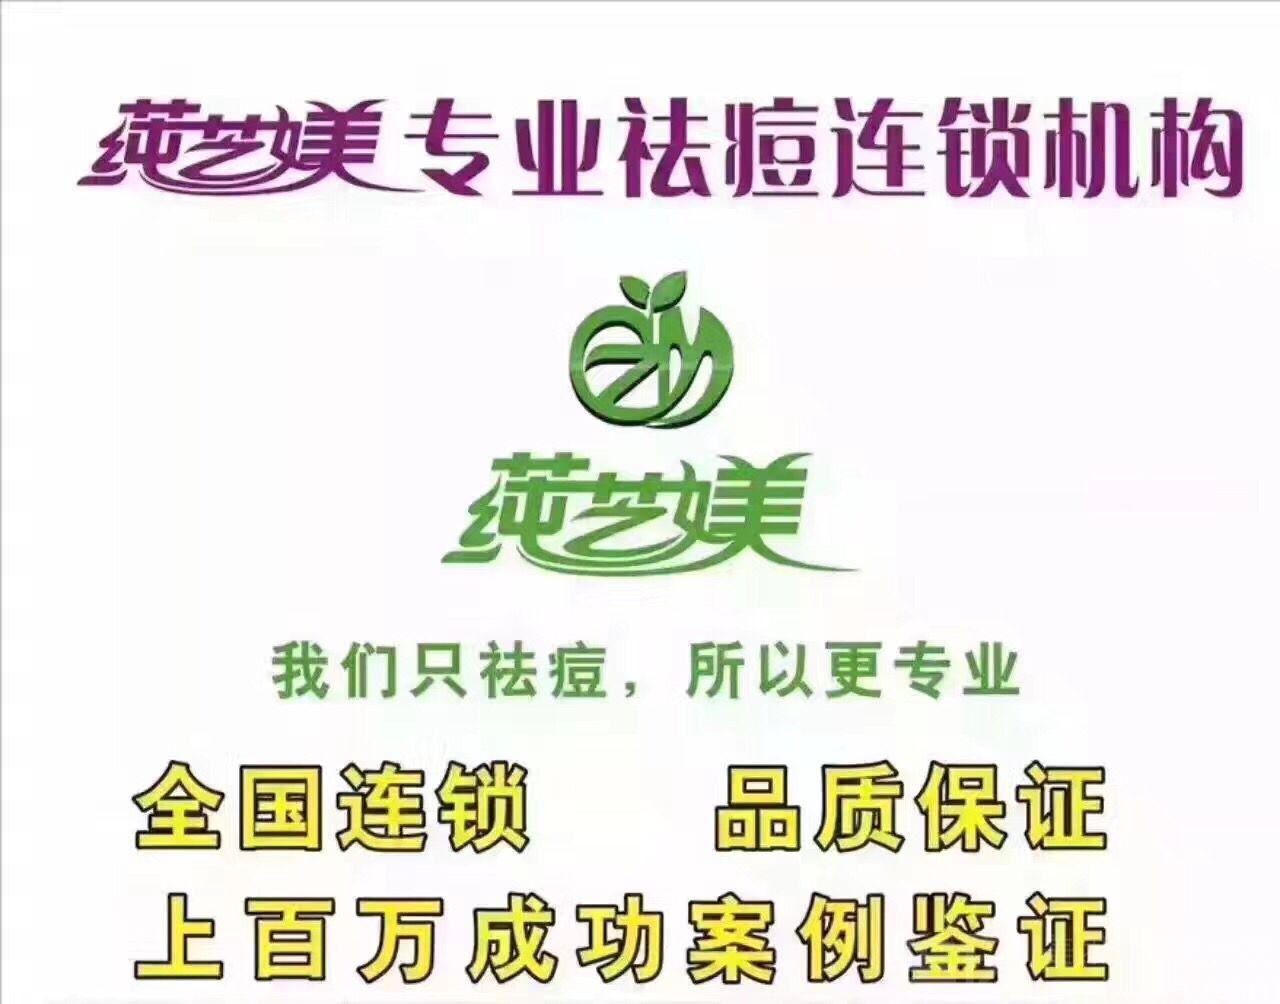 :长沙今日团购:【莼之媄专业果蔬祛痘】单人黑头清洁➕果蔬面膜补水